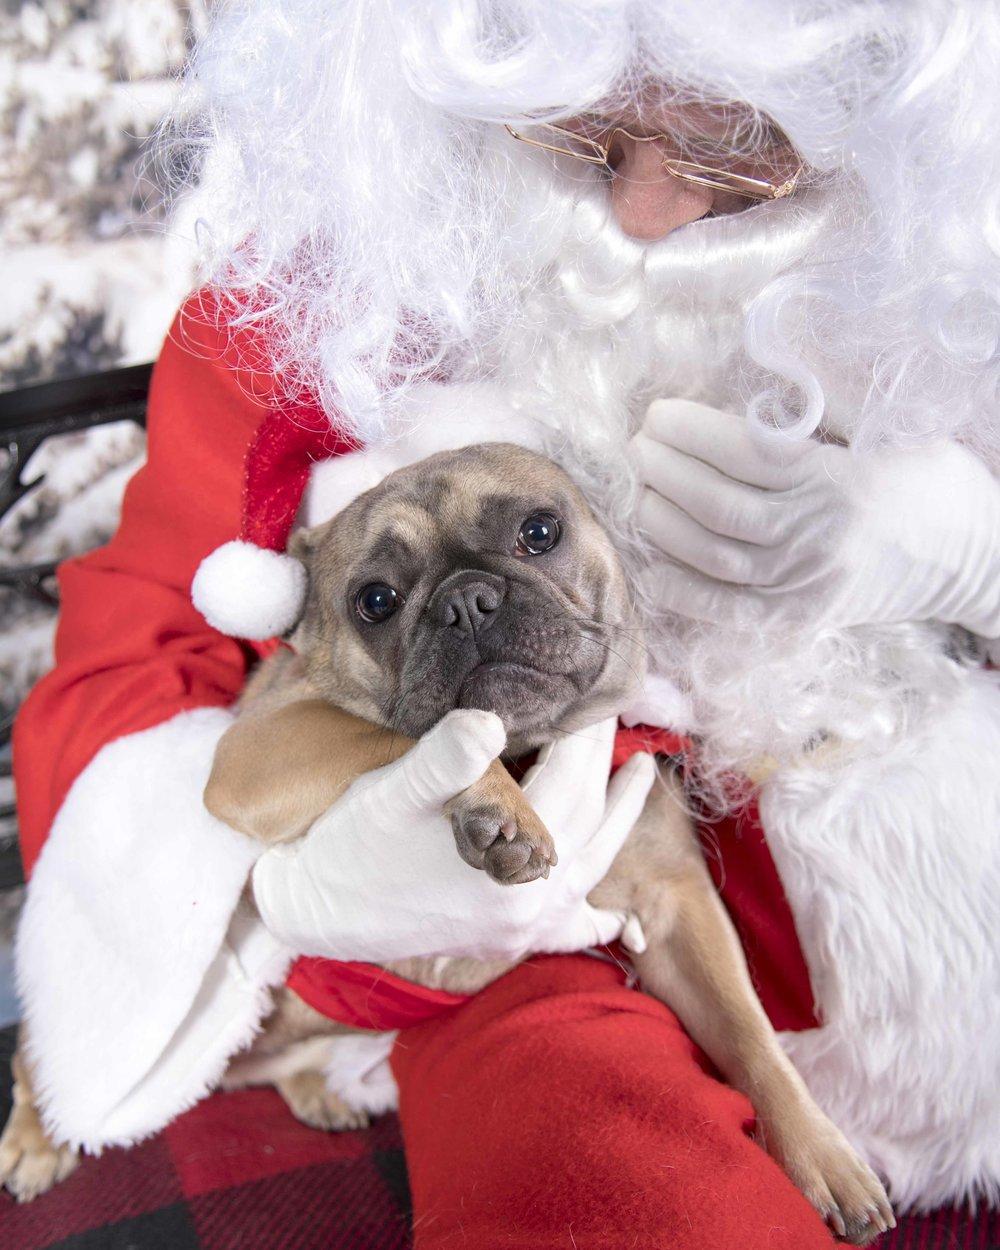 Pet_Santa_12_10_2017_06.jpg